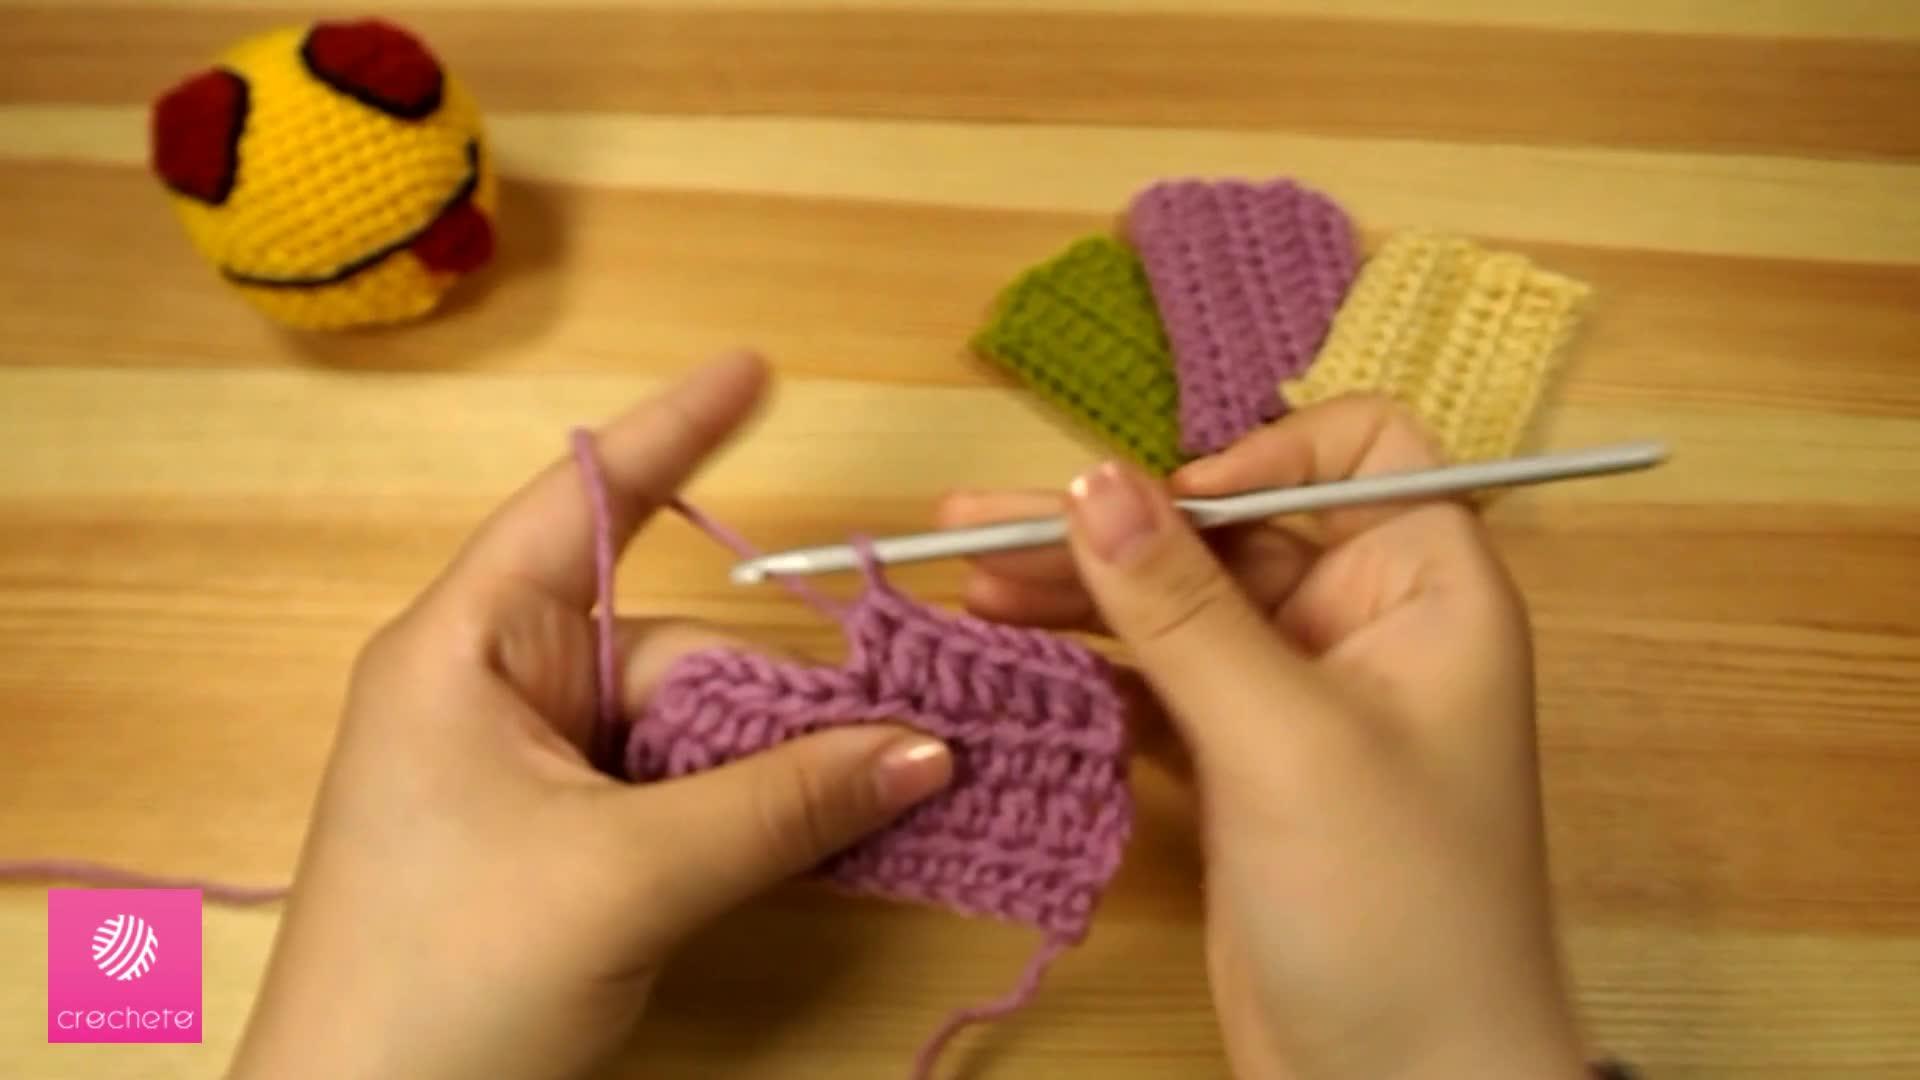 تعليم الكروشيه غرزة النصف عمود - Learn how to Crochet for beginners Half Double Crochet Stitch 8